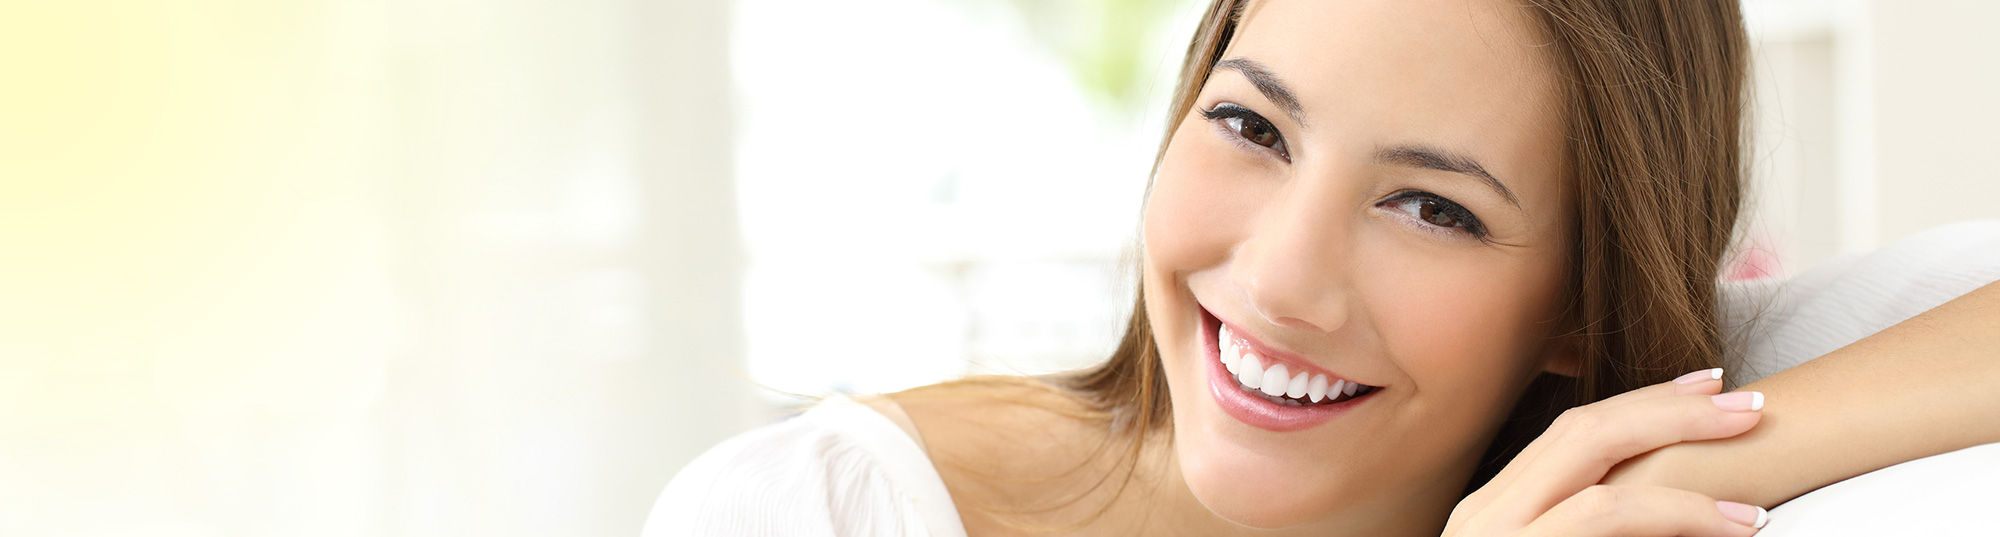 estética dental en boadilla, ortodoncia en boadilla, carillas en boadilla, implantes dentales en boadilla, dentista, clínica dental